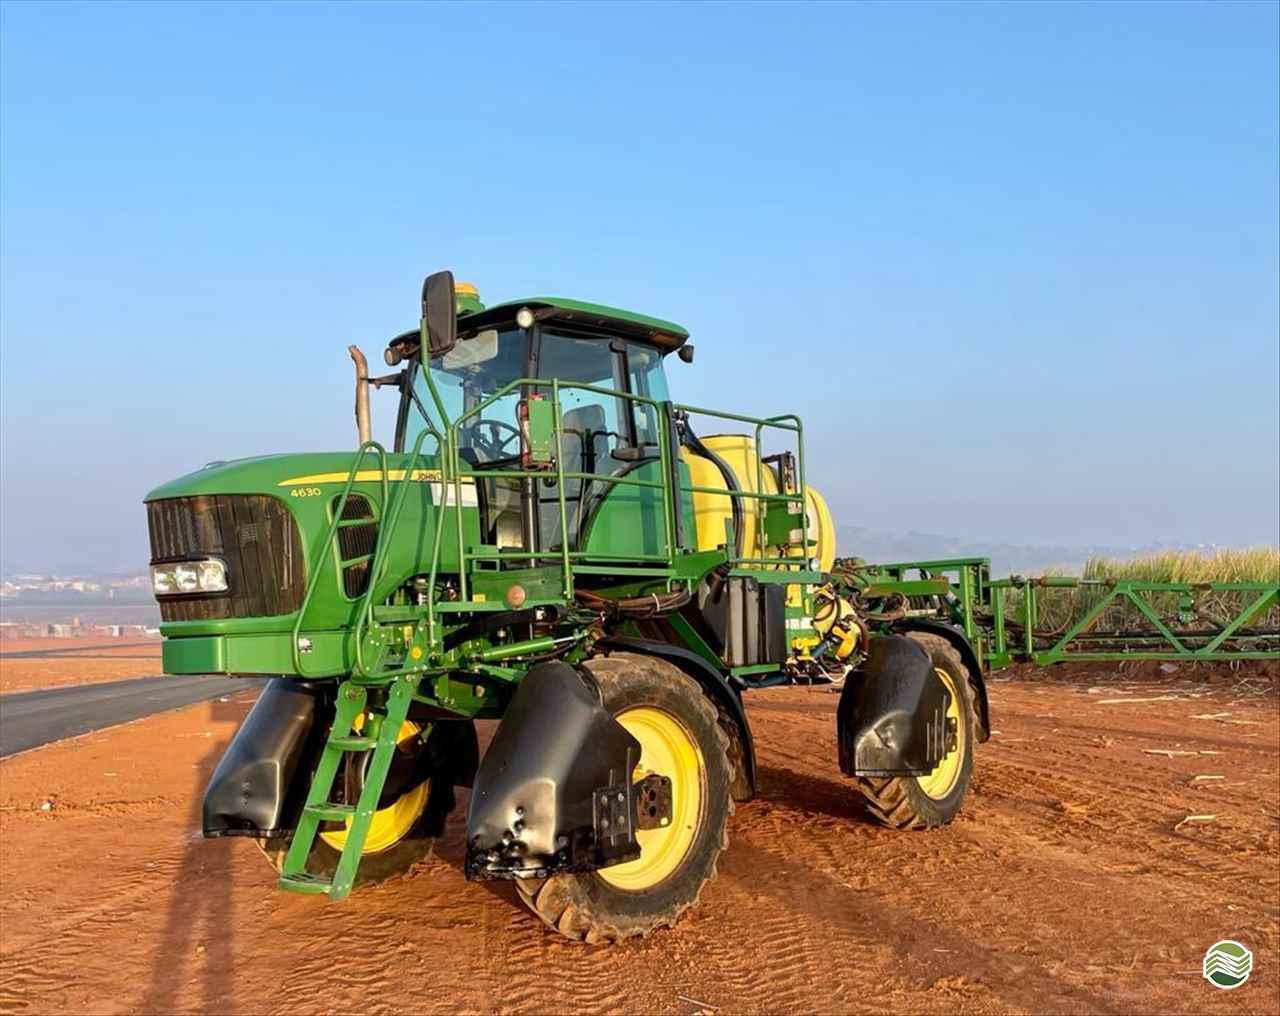 PULVERIZADOR JOHN DEERE JOHN DEERE 4630 Tração 4x4 RT Máquinas e Peças Agrícolas LEME SÃO PAULO SP